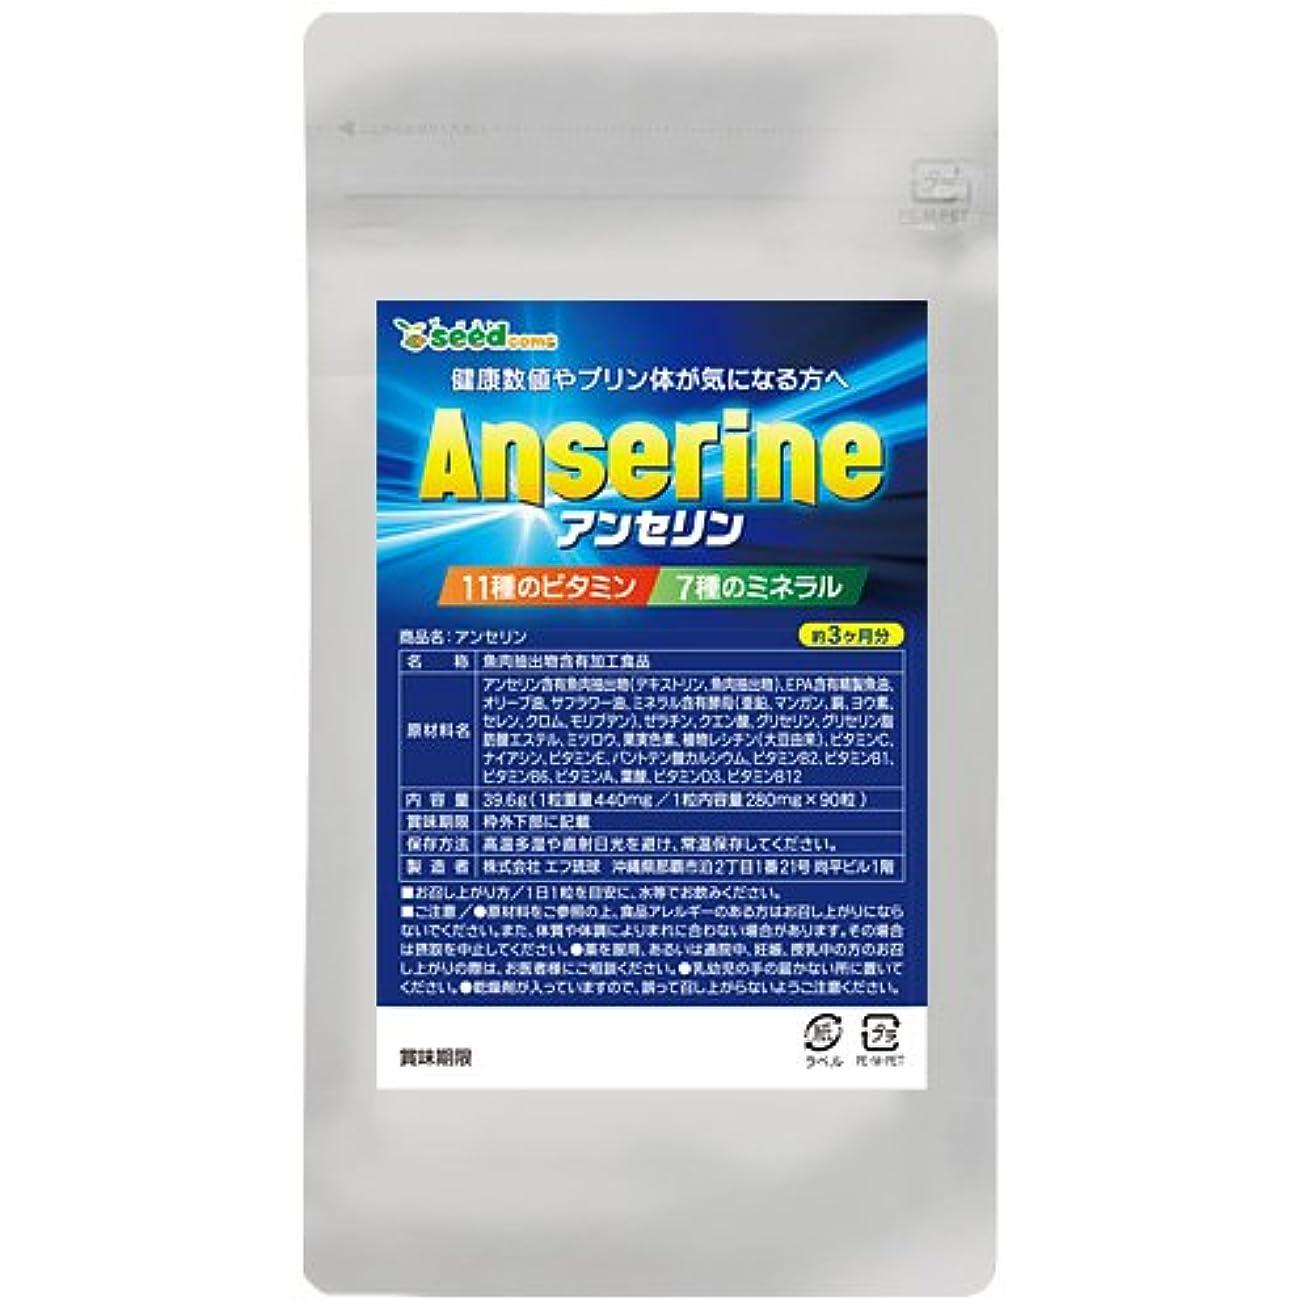 ごみ馬鹿ハドルシードコムス seedcoms アンセリン 11種類の ビタミン &7種類の ミネラル 約3ヶ月分 90粒